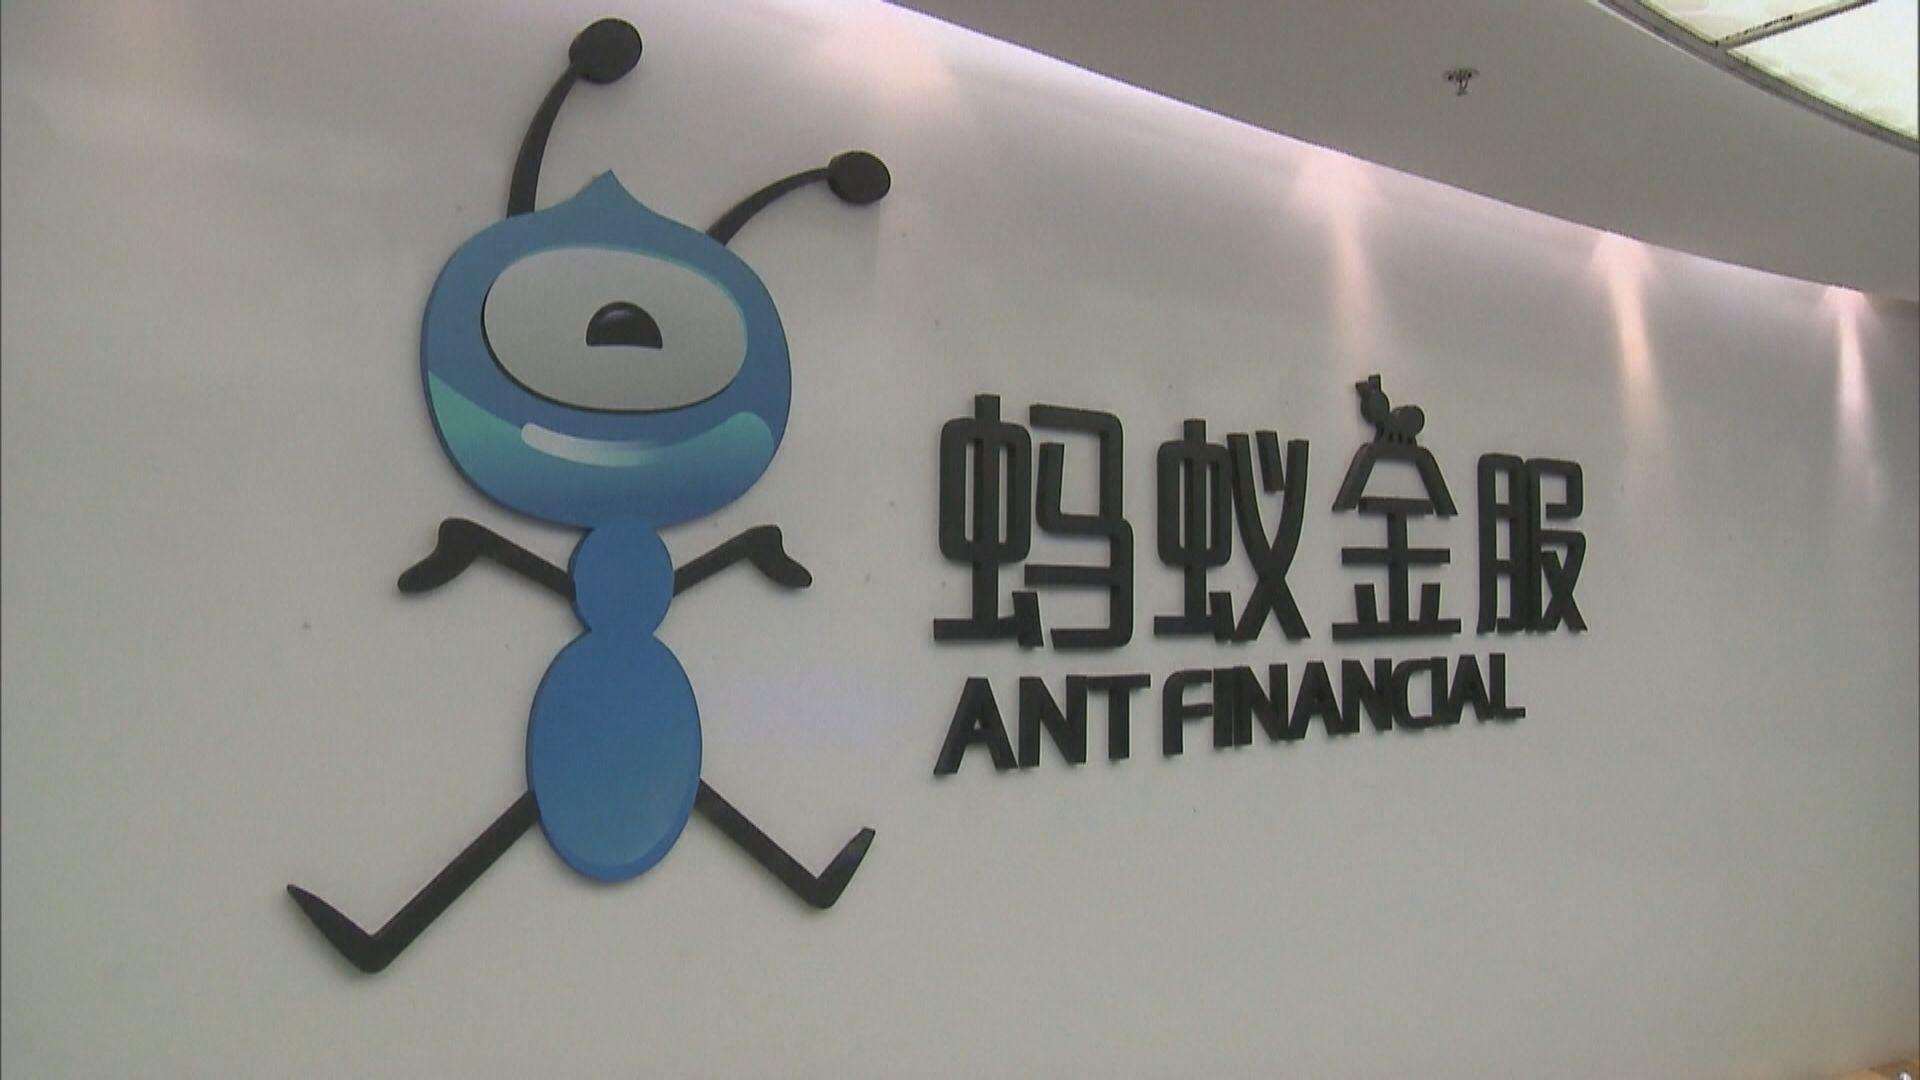 螞蟻集團暫緩在港交所和上交所上市